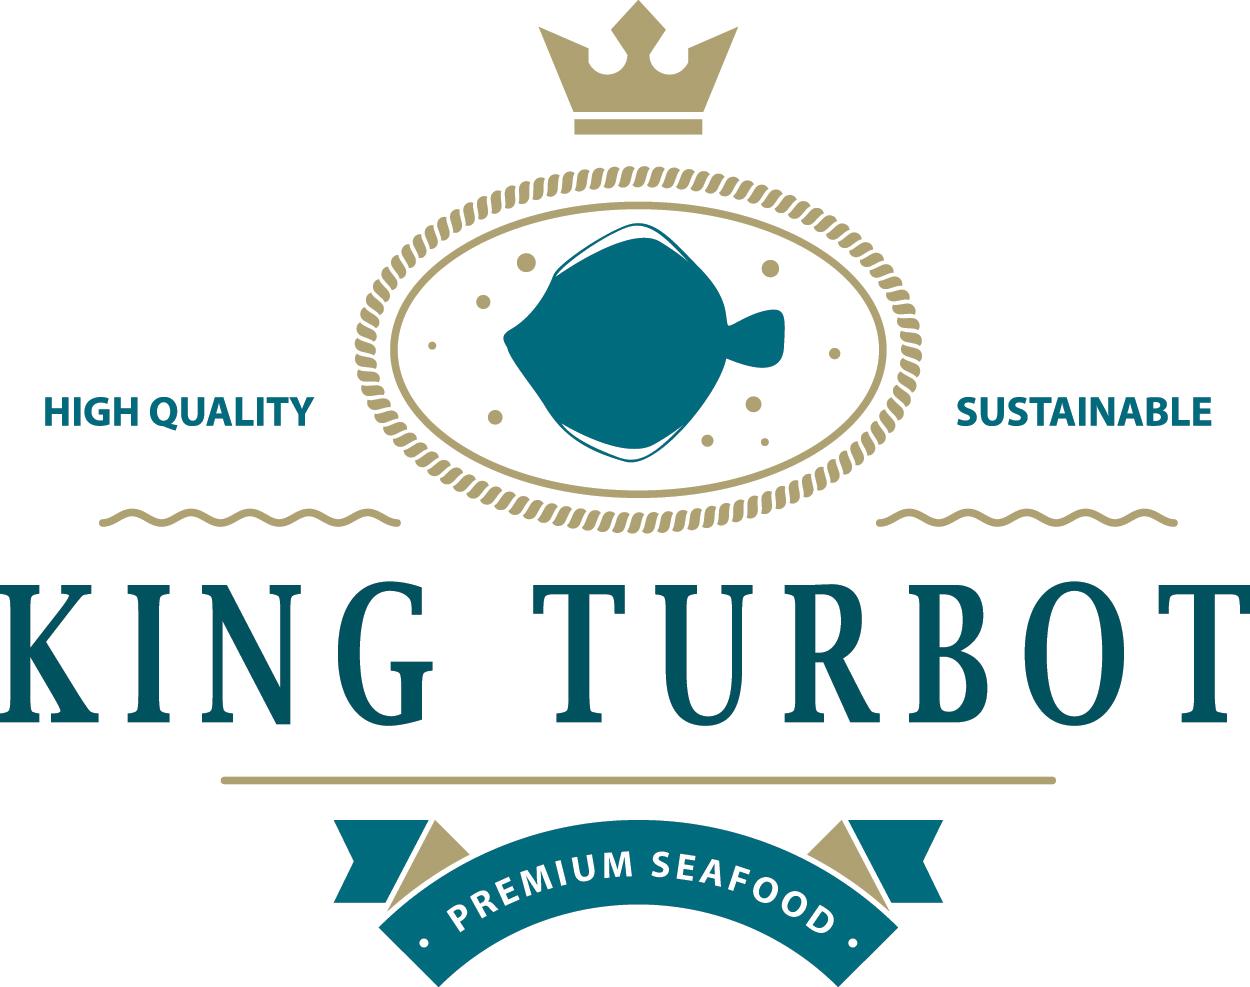 Logo-King-Turbot